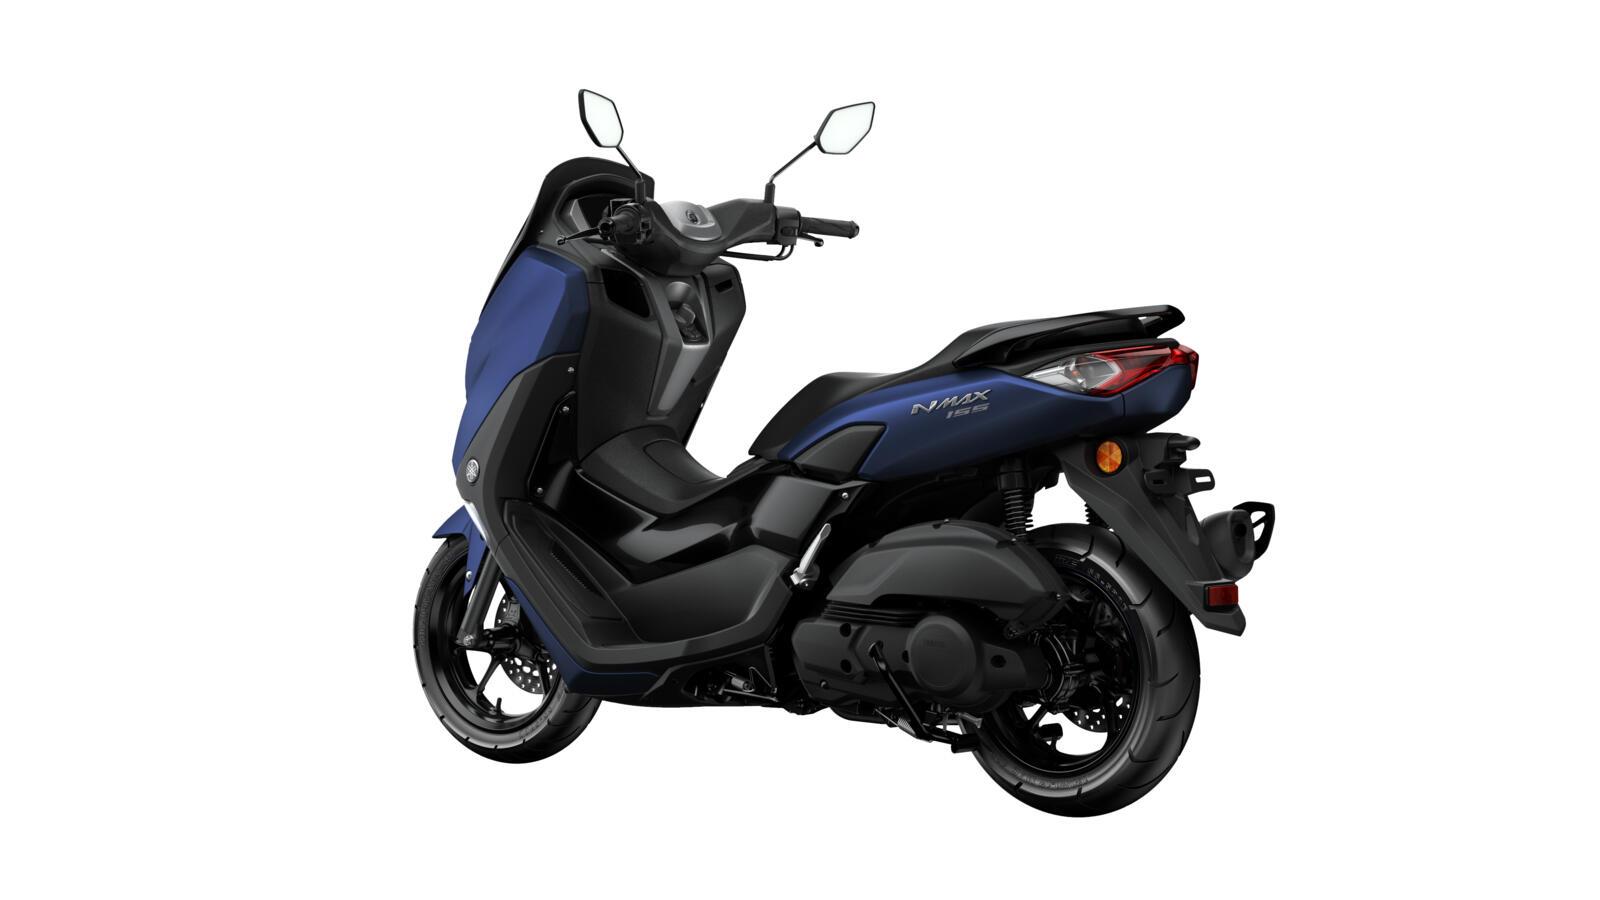 Yamaha NMAX 155 nu kopen